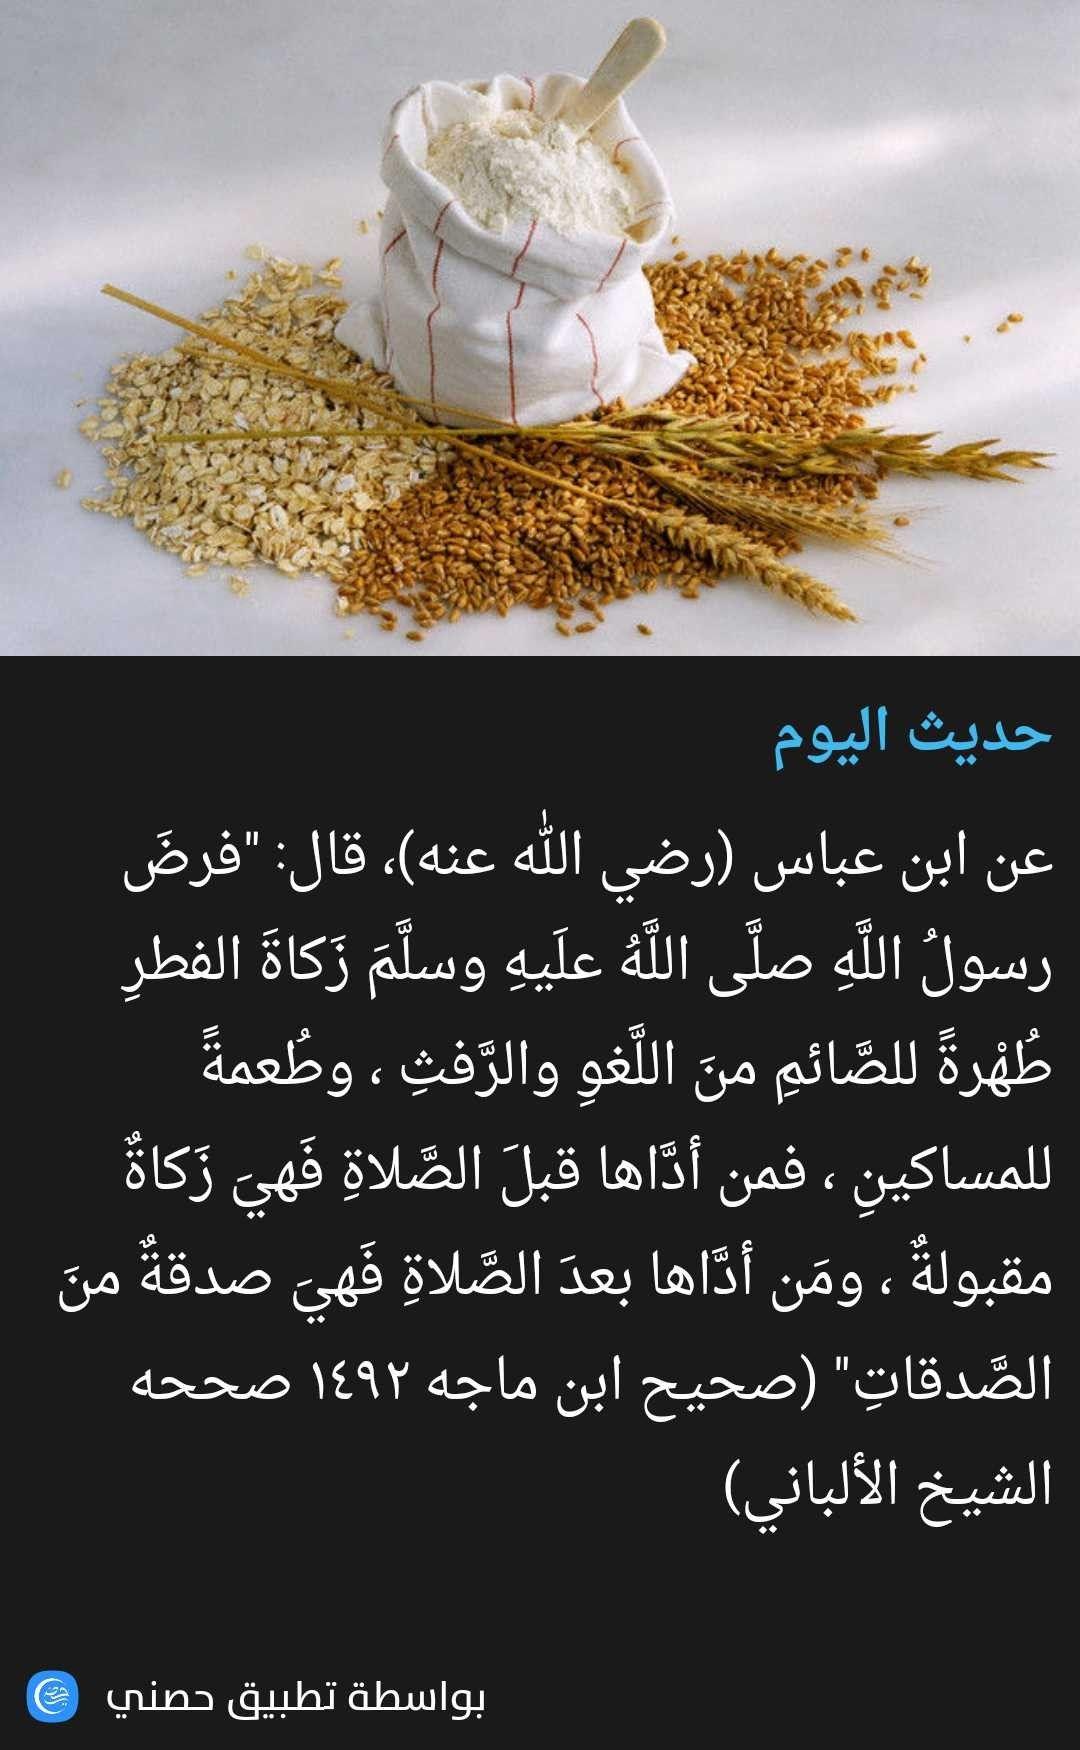 Pin By عبق الورد On أحاديث نبوية ٢ Lettering Letter Board